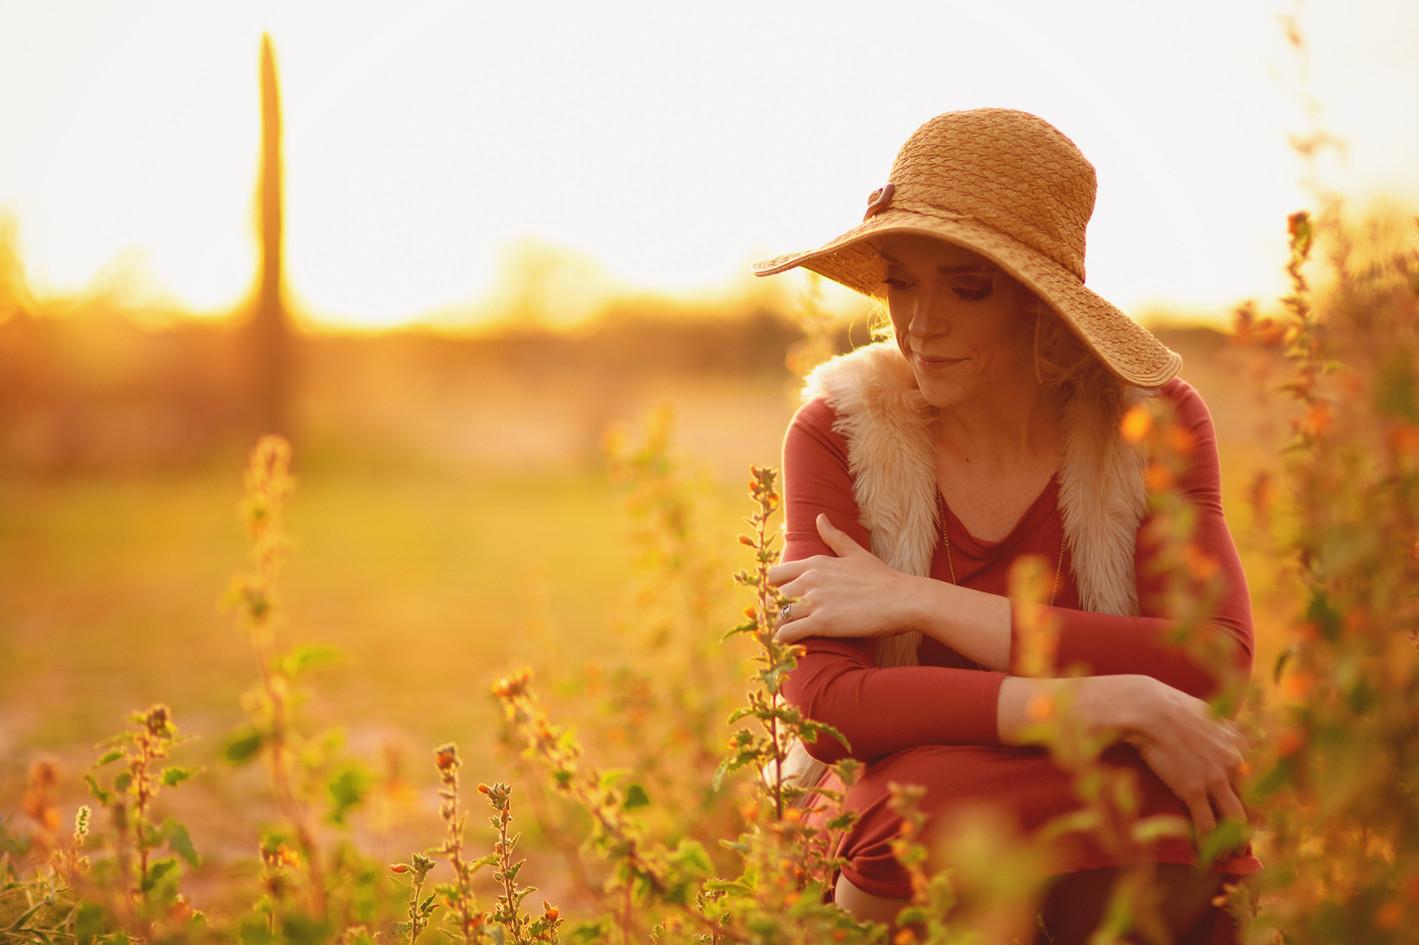 #goldenhour #sunset #boho #desert #arizonadesert